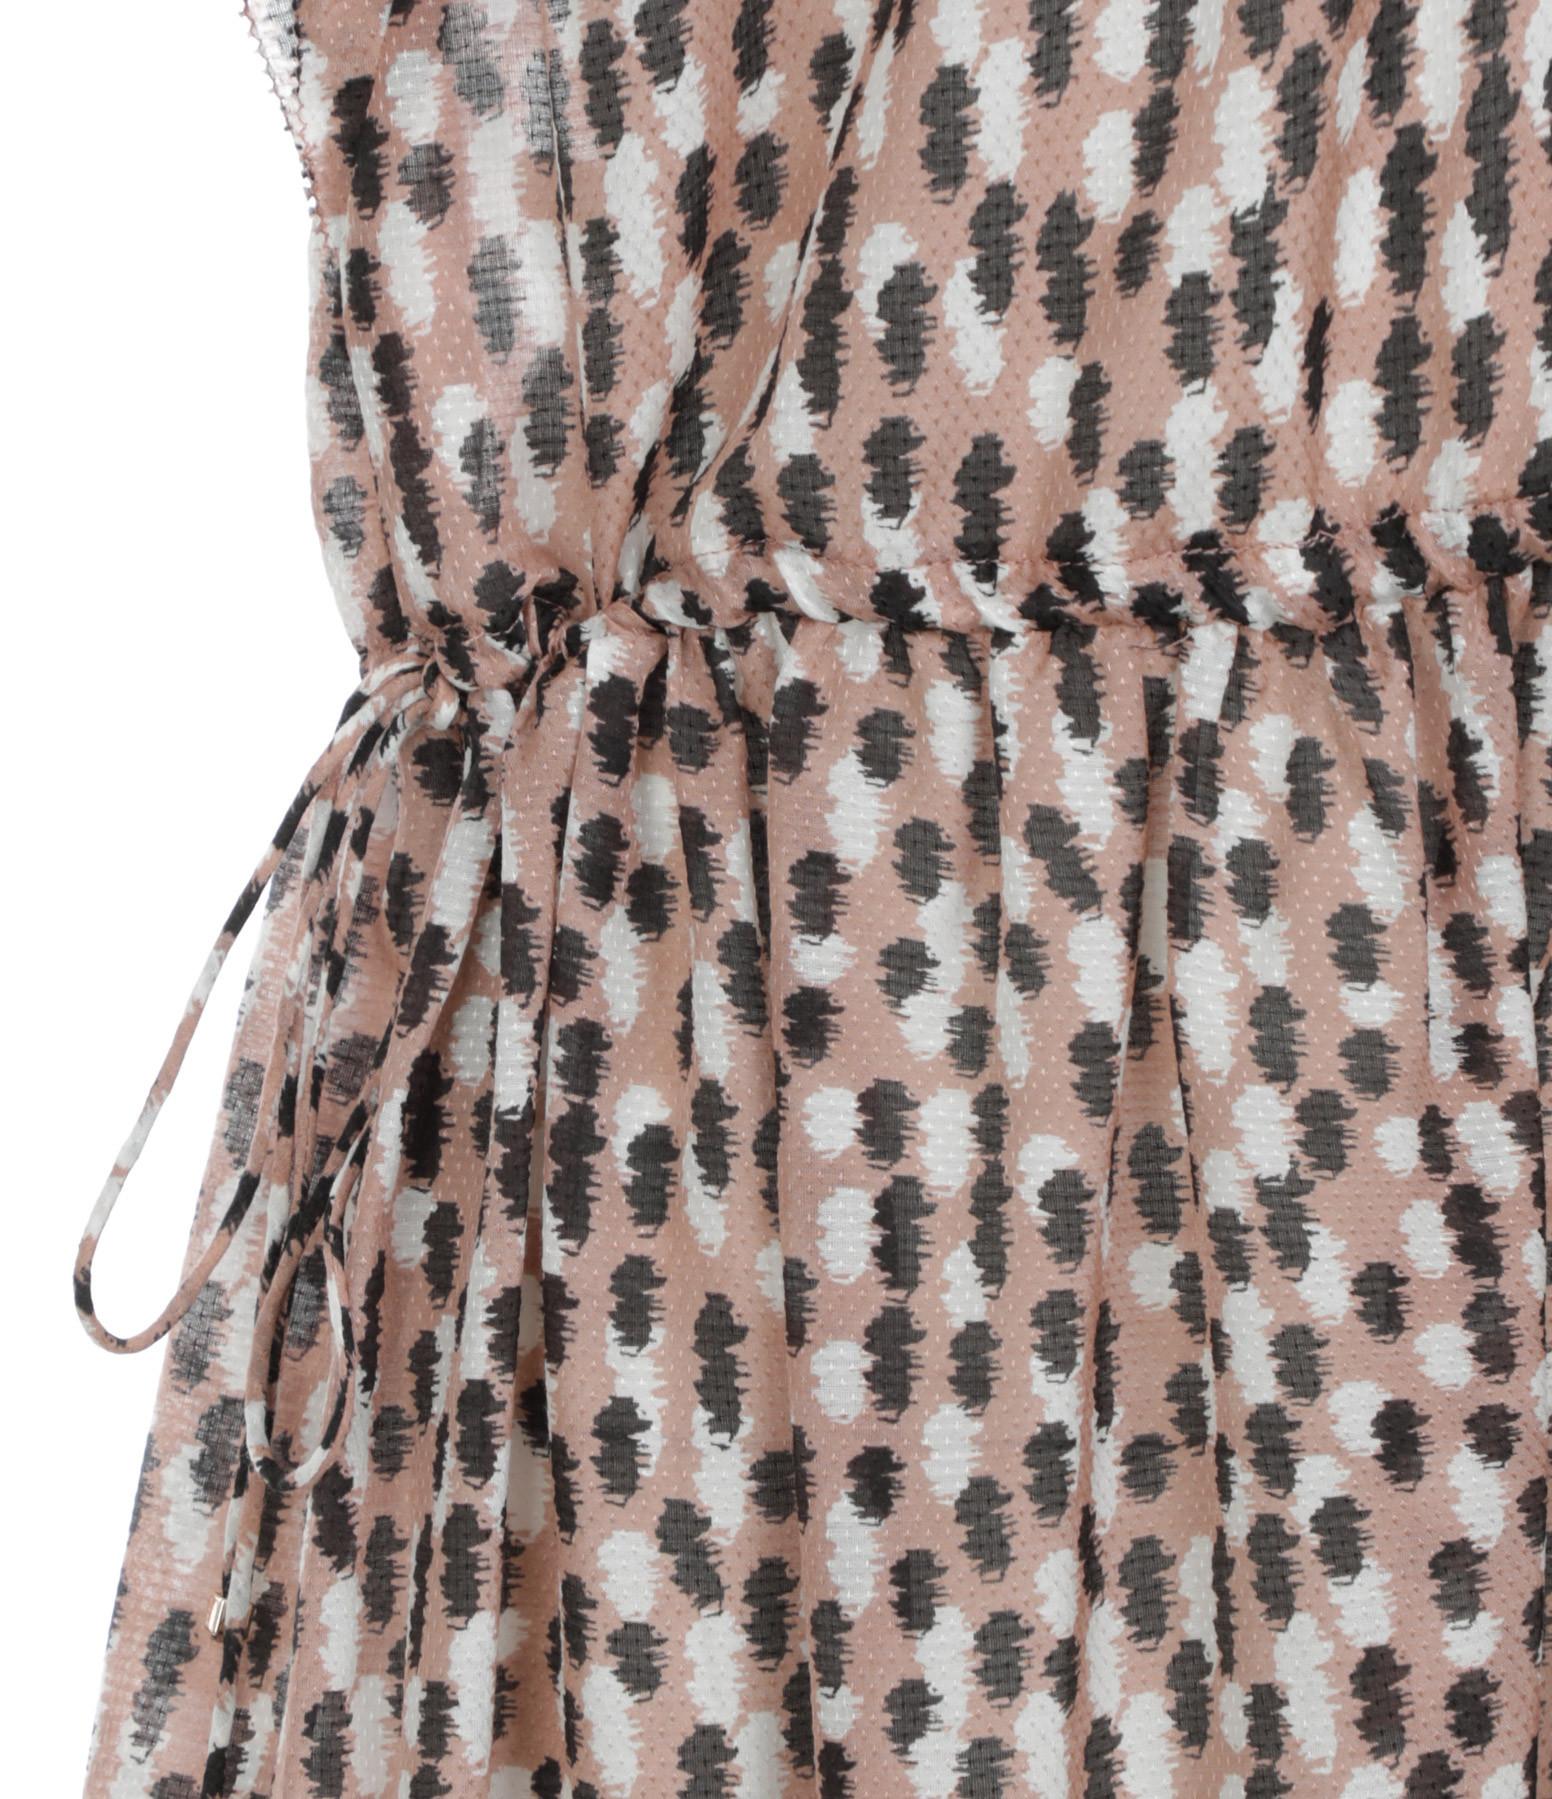 MAGALI PASCAL - Robe Jardin Soie Coton Bruch Imprimé